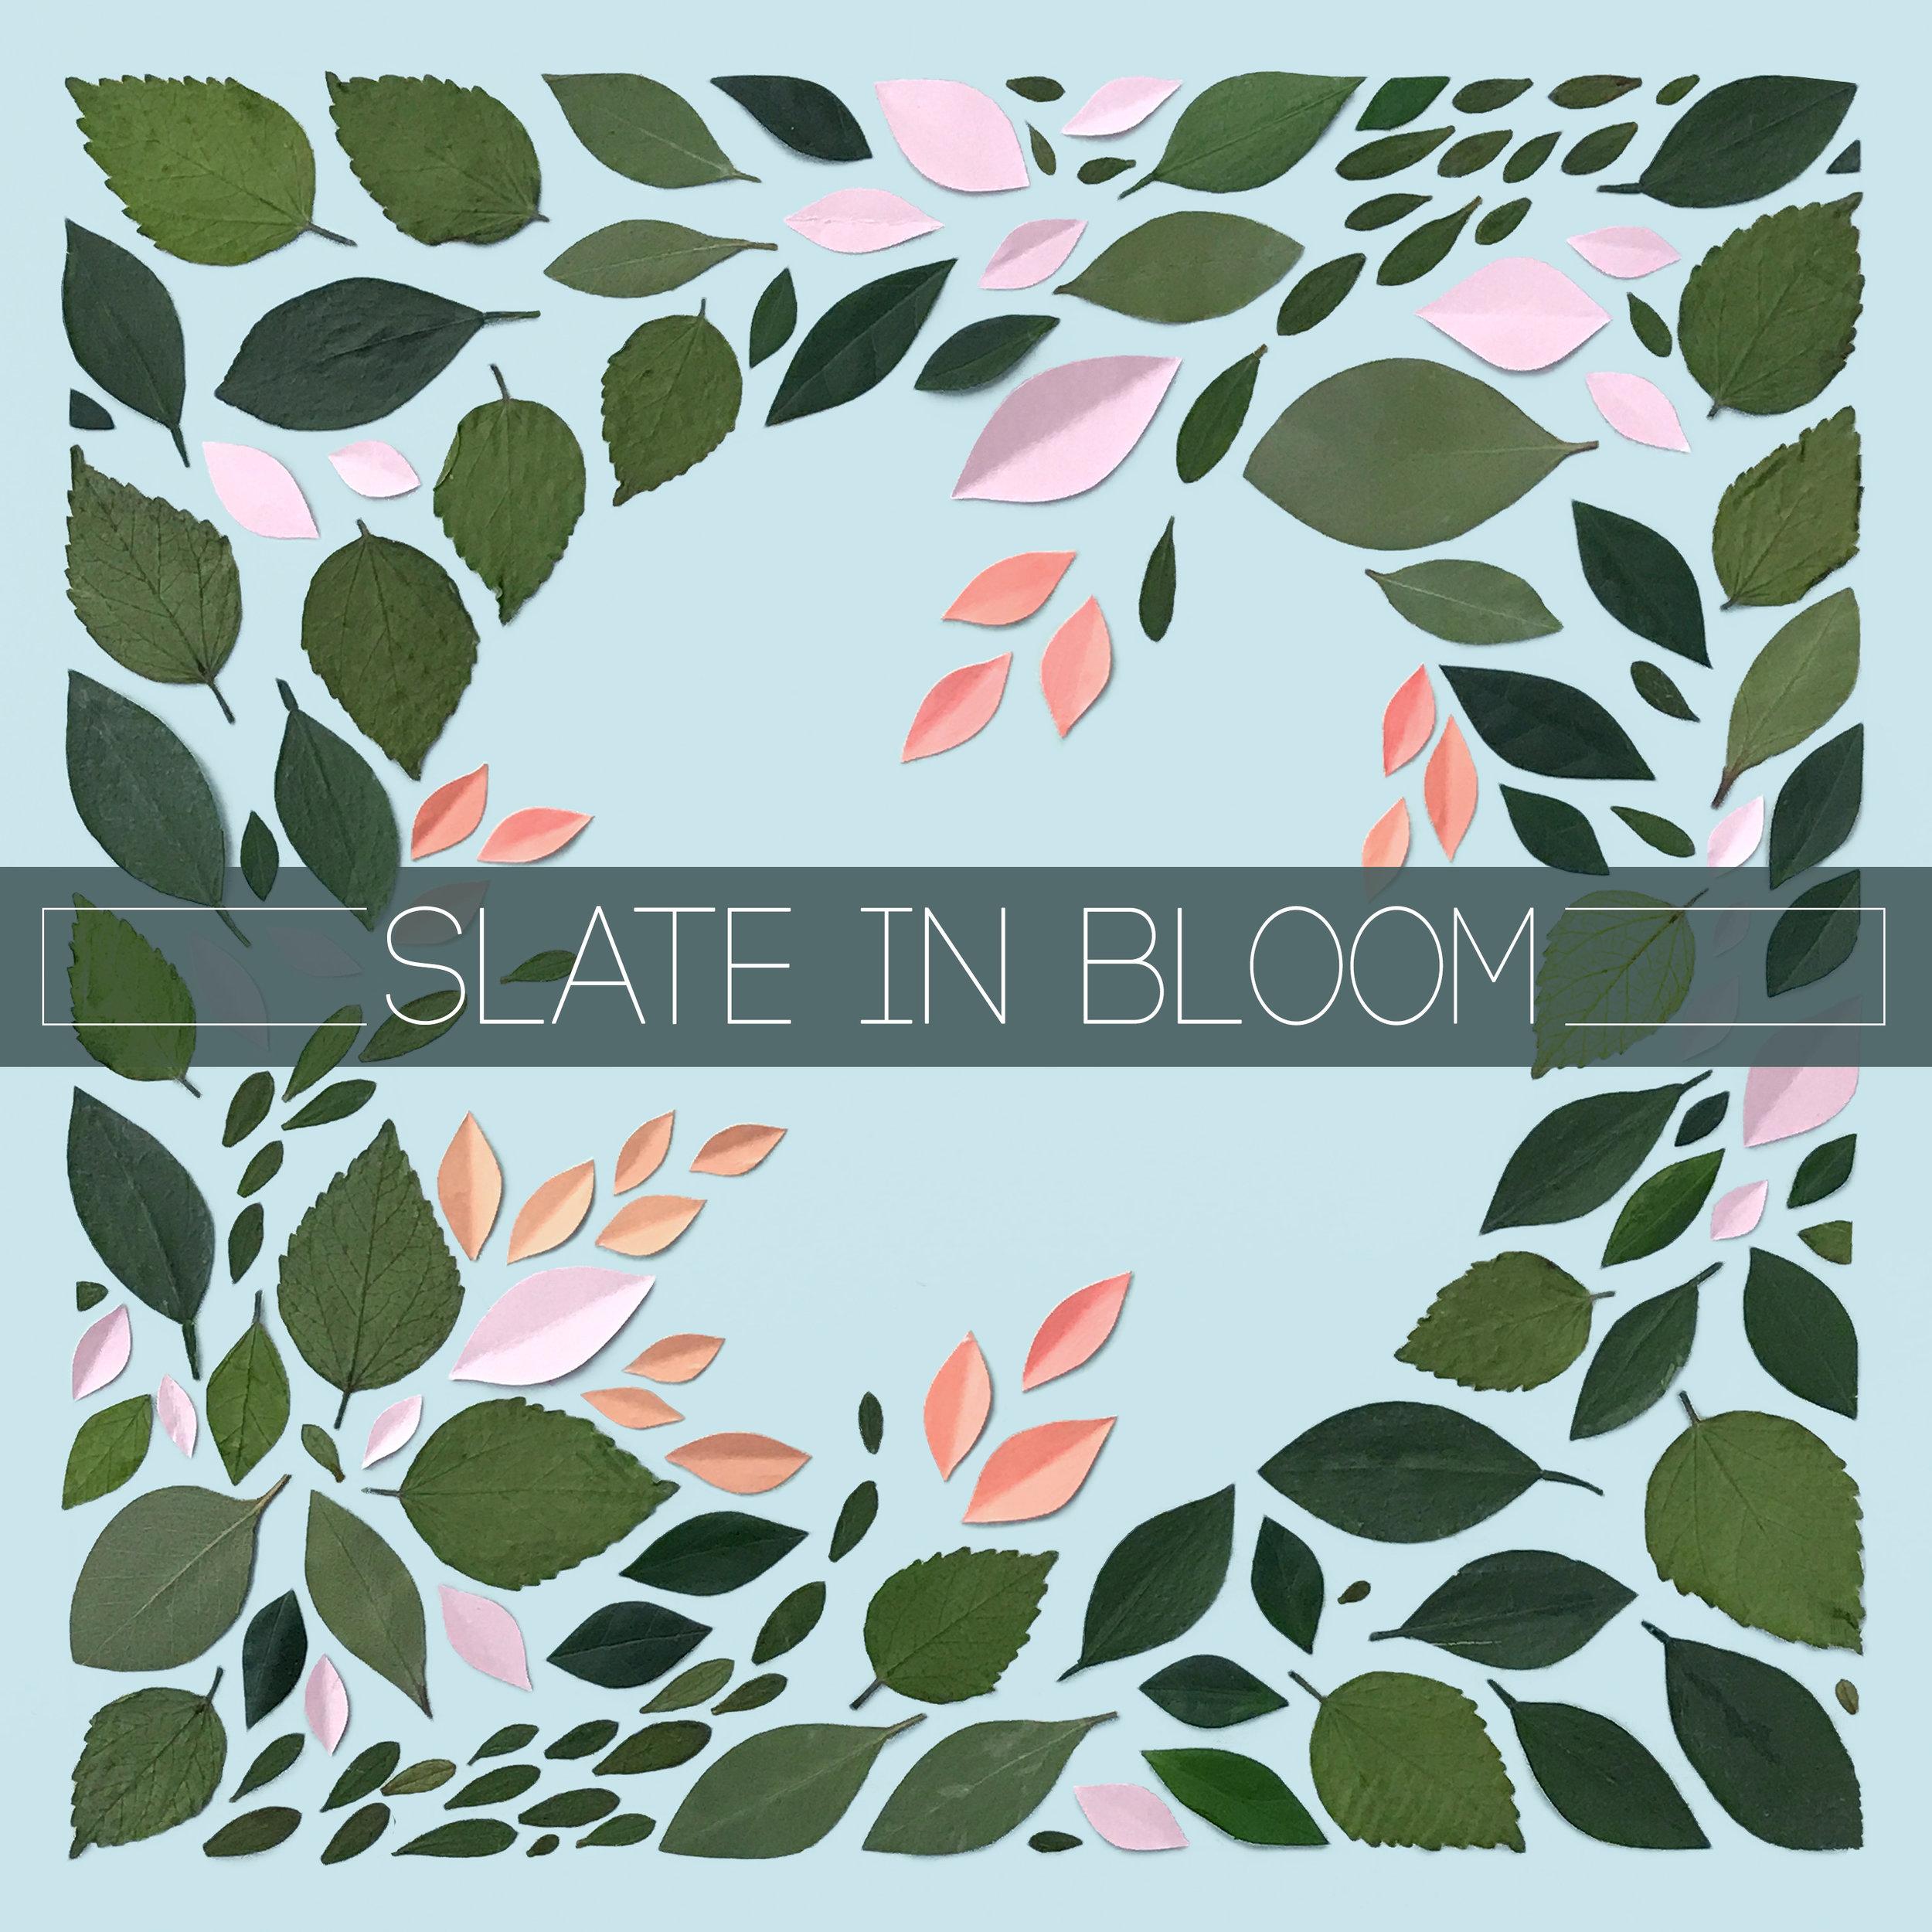 Slate in bloom.jpg